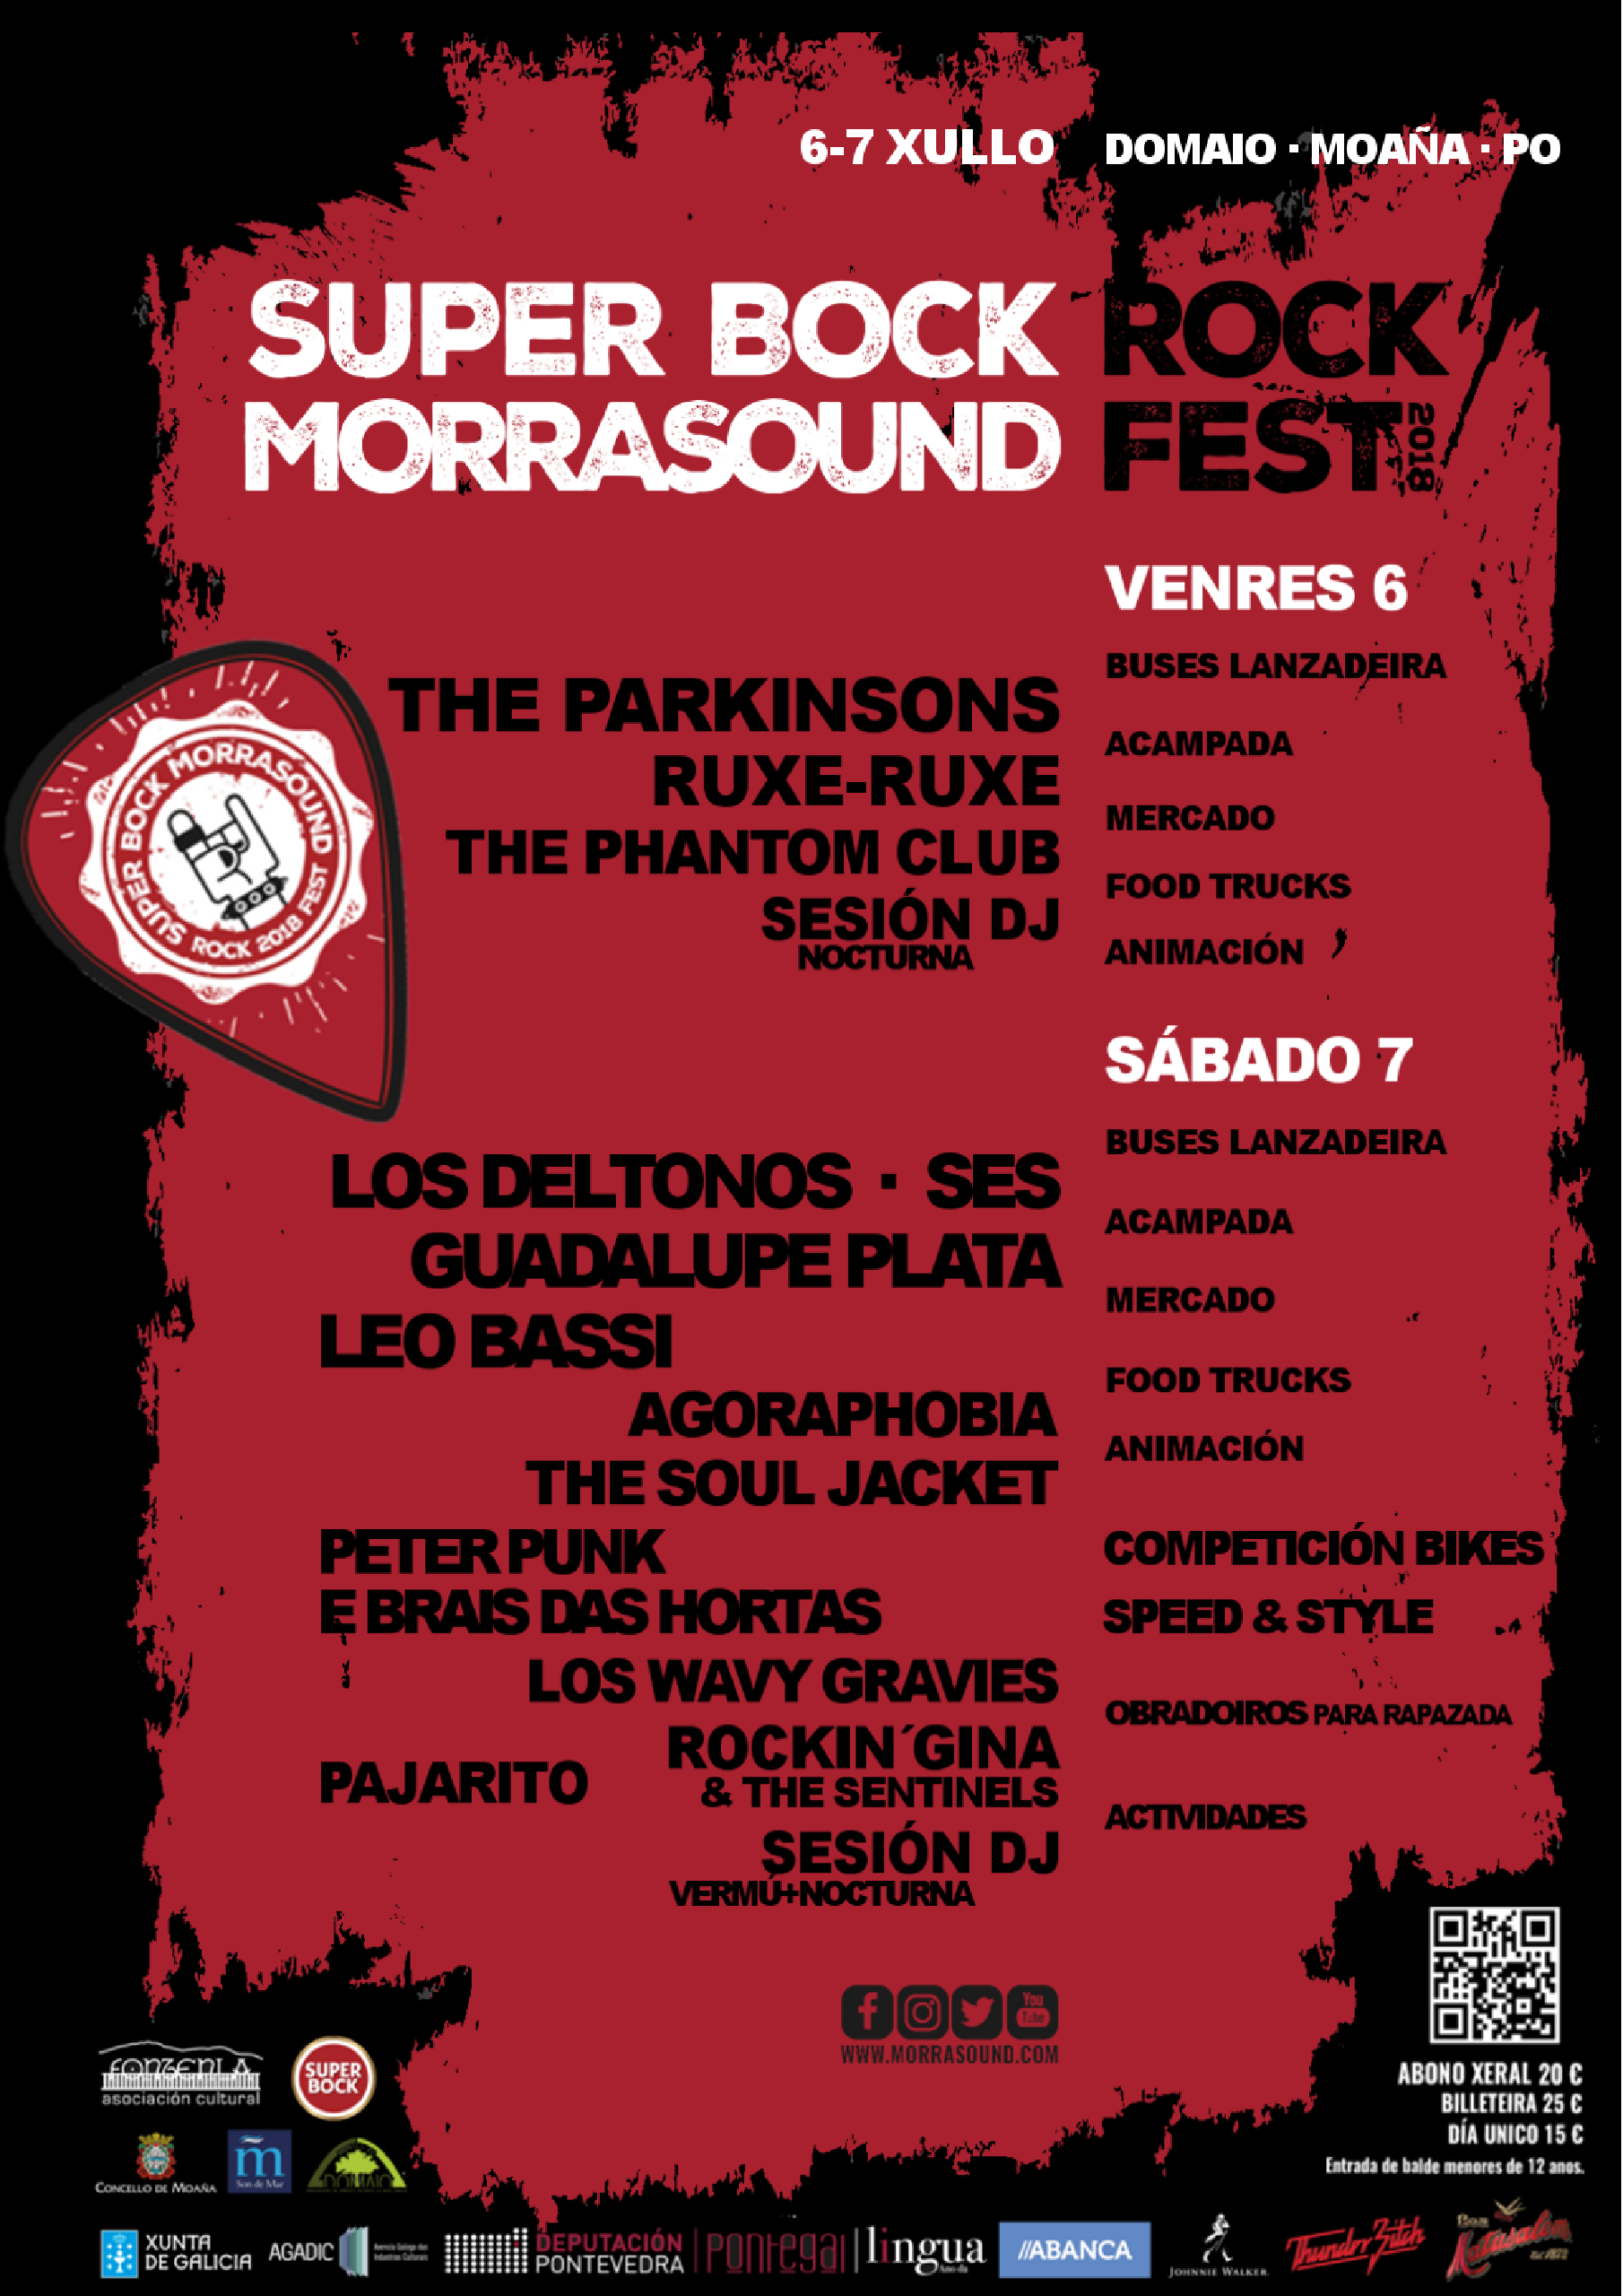 Programa por días del festival Viernes 6 + Sábado 7 Música Rock, artes escénicas, competición bikes, actividades, animación, talleres para peques y familias, zona acampada, mercado, food trucks...